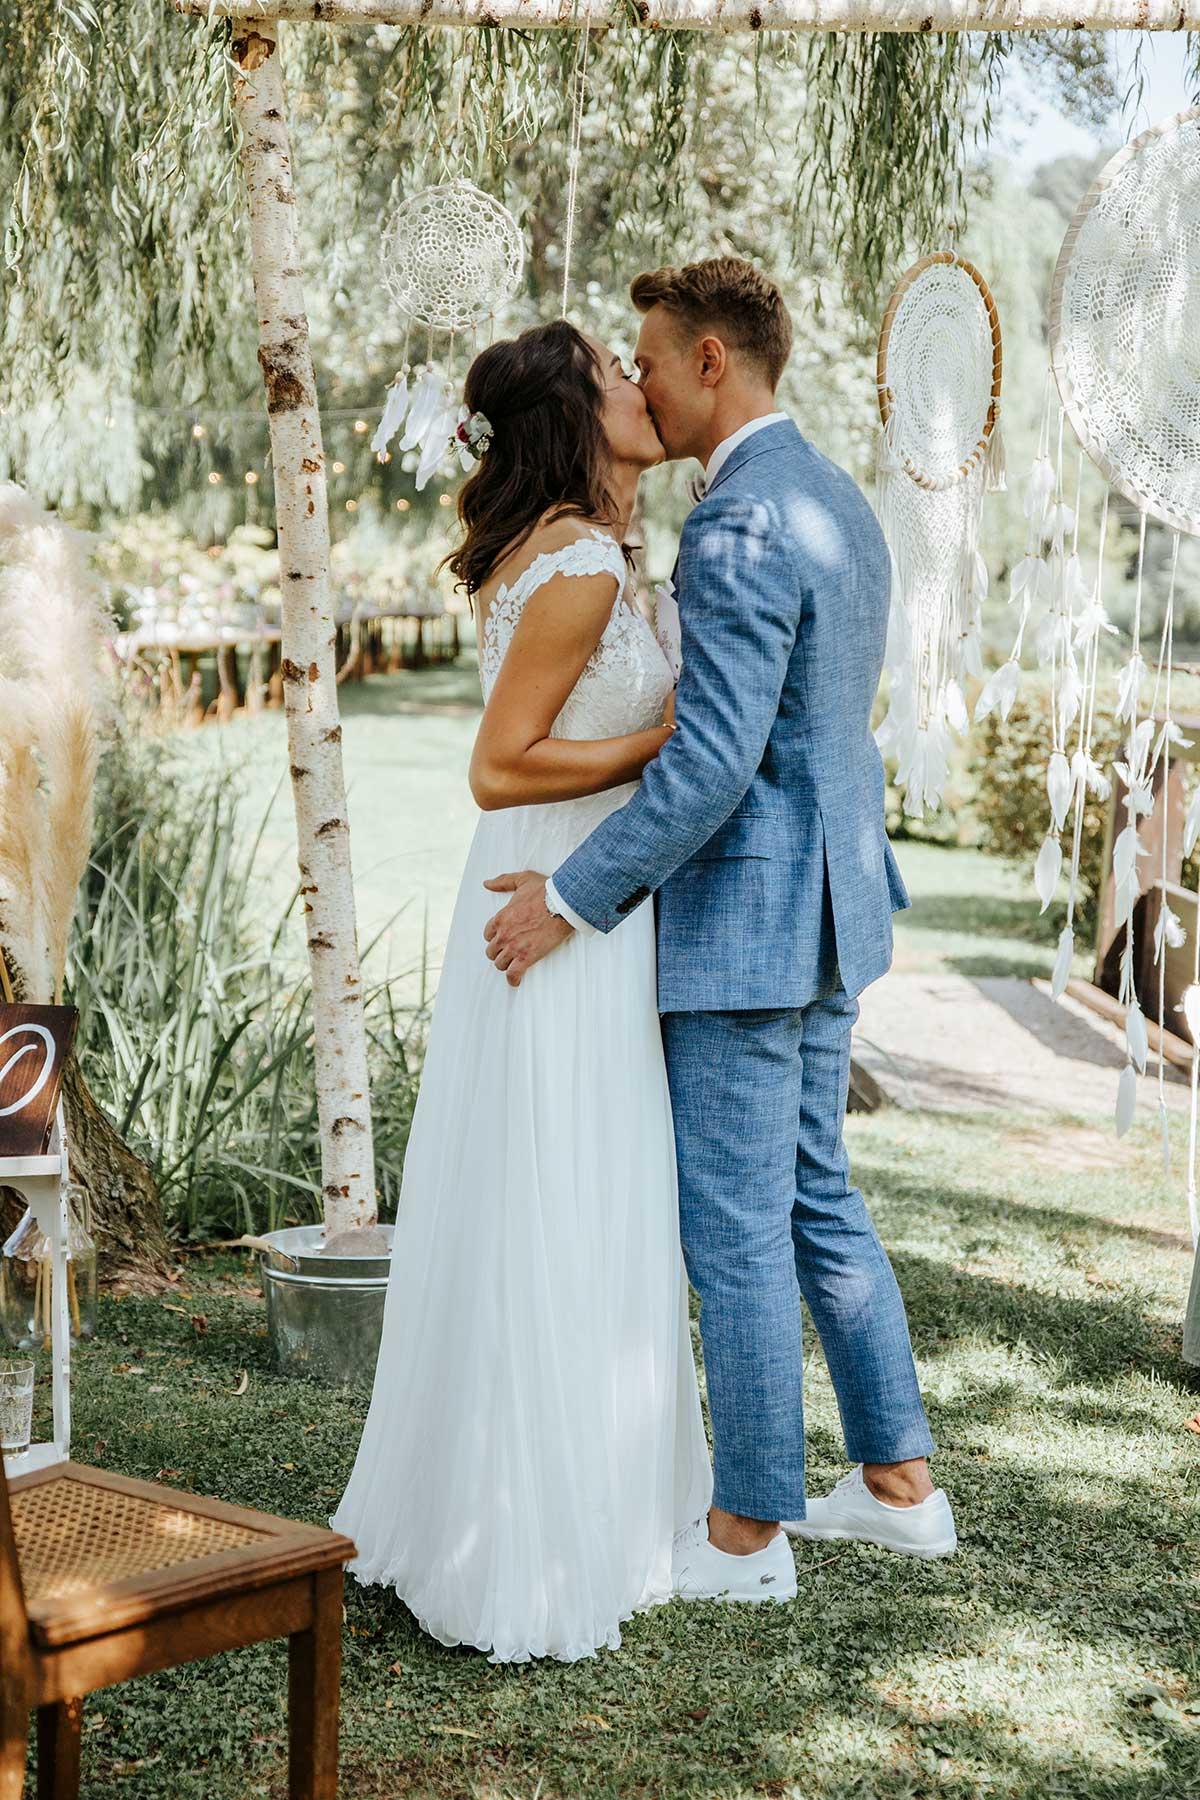 Der erste Kuss als Mann und Frau während der Trauung